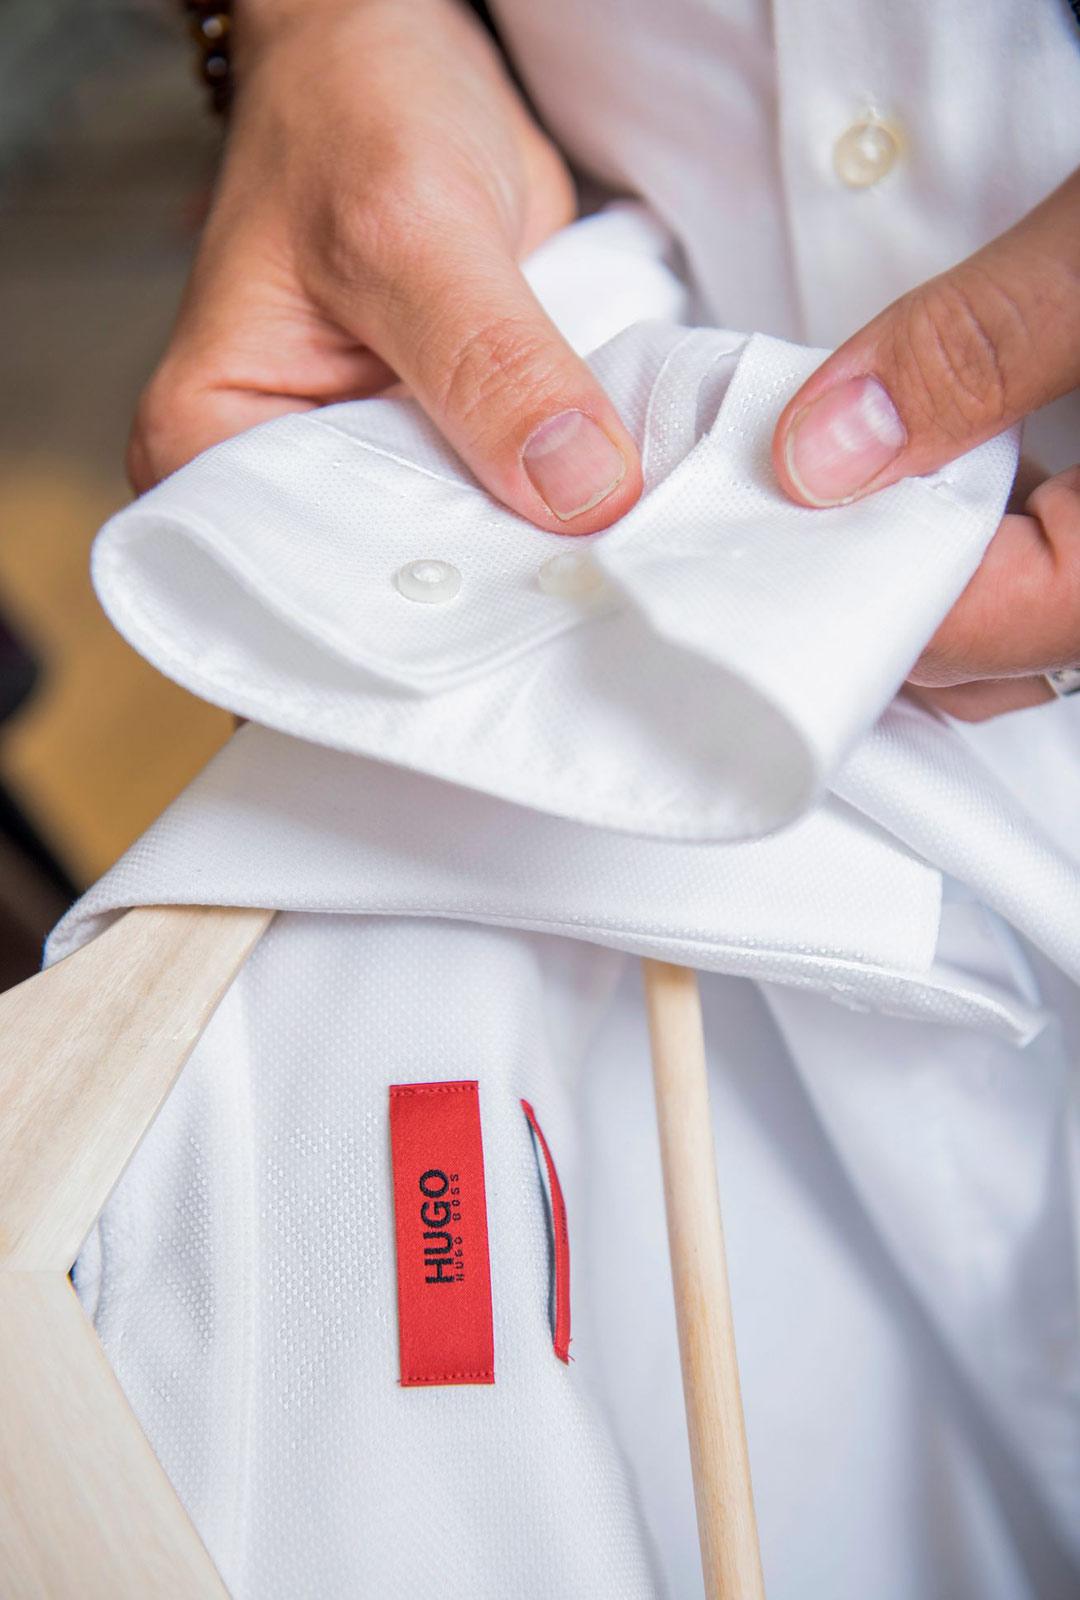 Paitoja kuluu keikoilla vähintään kuukausi per paita tahtiin. Bossin paita 39 euroa.